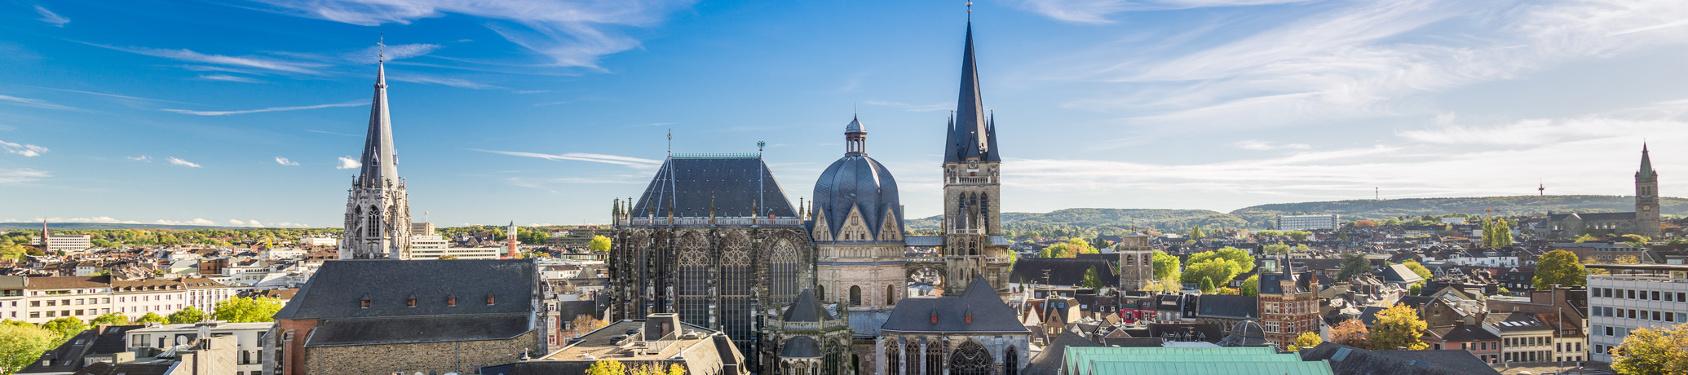 Bild von Aachen-Mitte